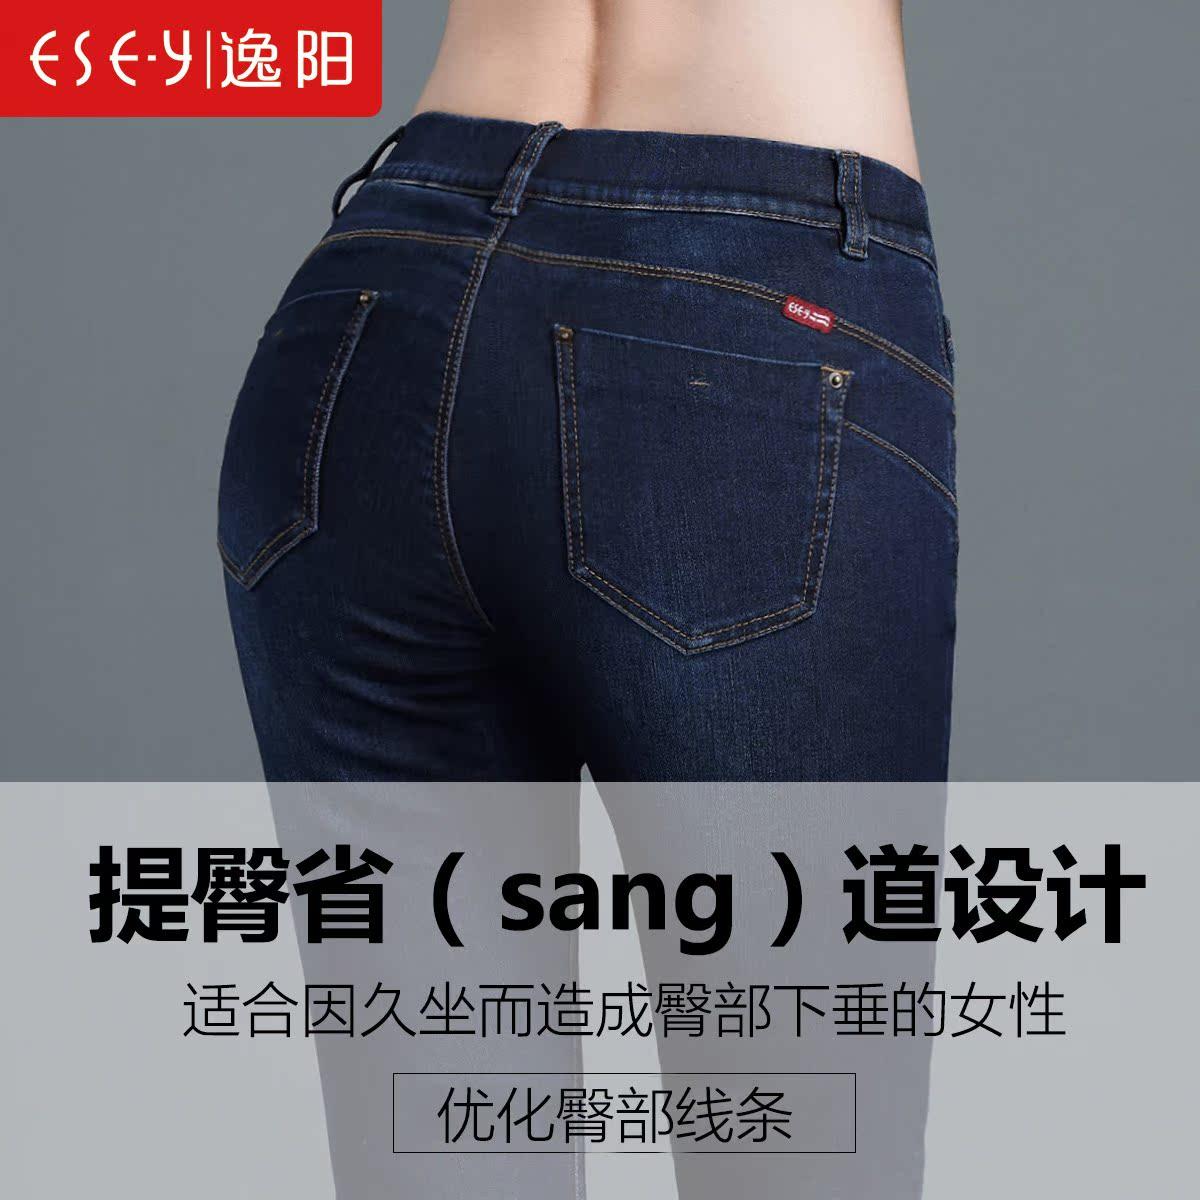 逸阳女裤2016冬季新款修身牛仔裤弹力女士铅笔裤加绒长裤保暖2300产品展示图3